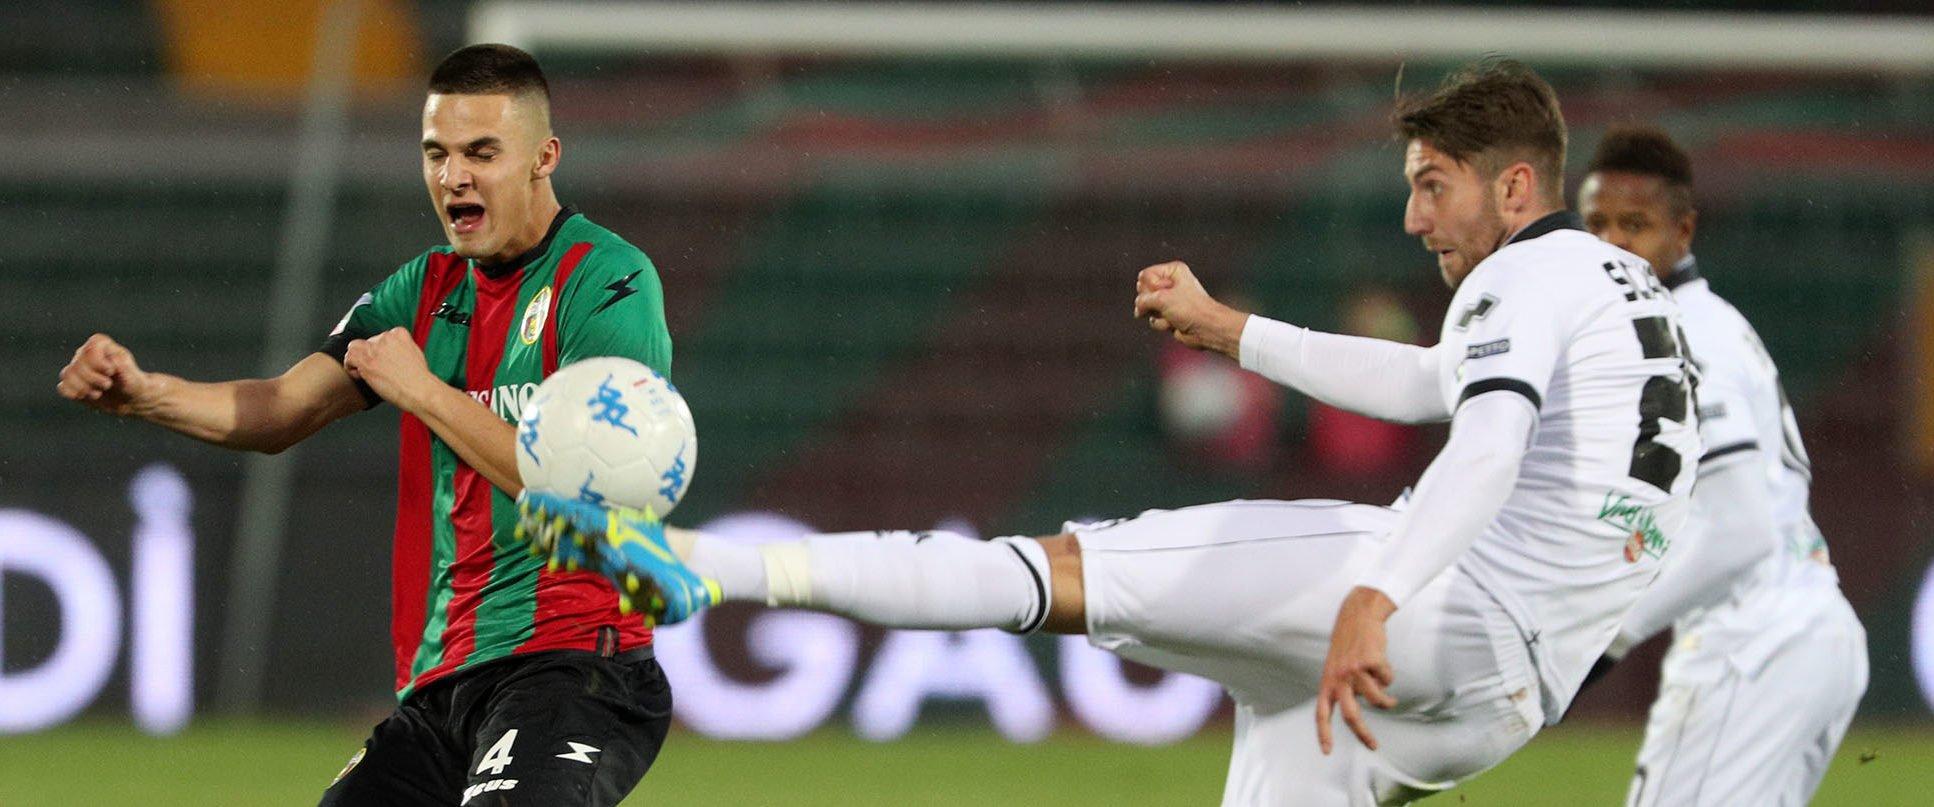 Avellino-Ternana, i rossoverdi sperano di recuperare Martin Valjent